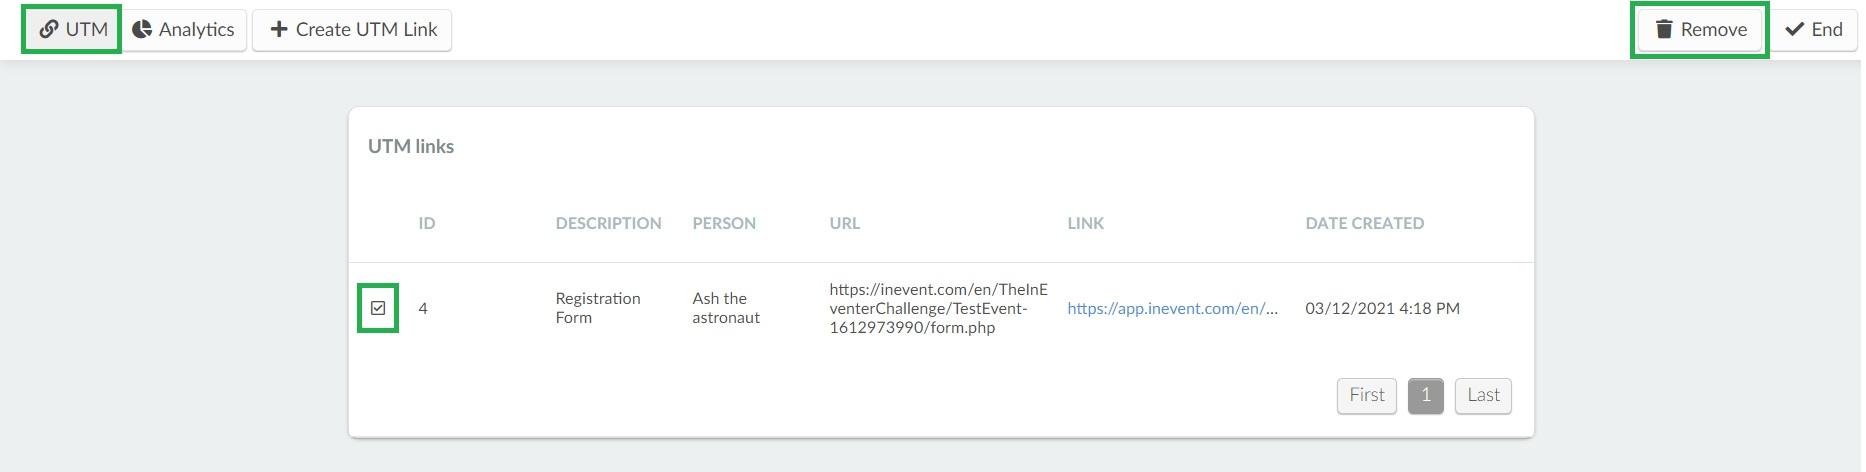 How do I remove a UTM link